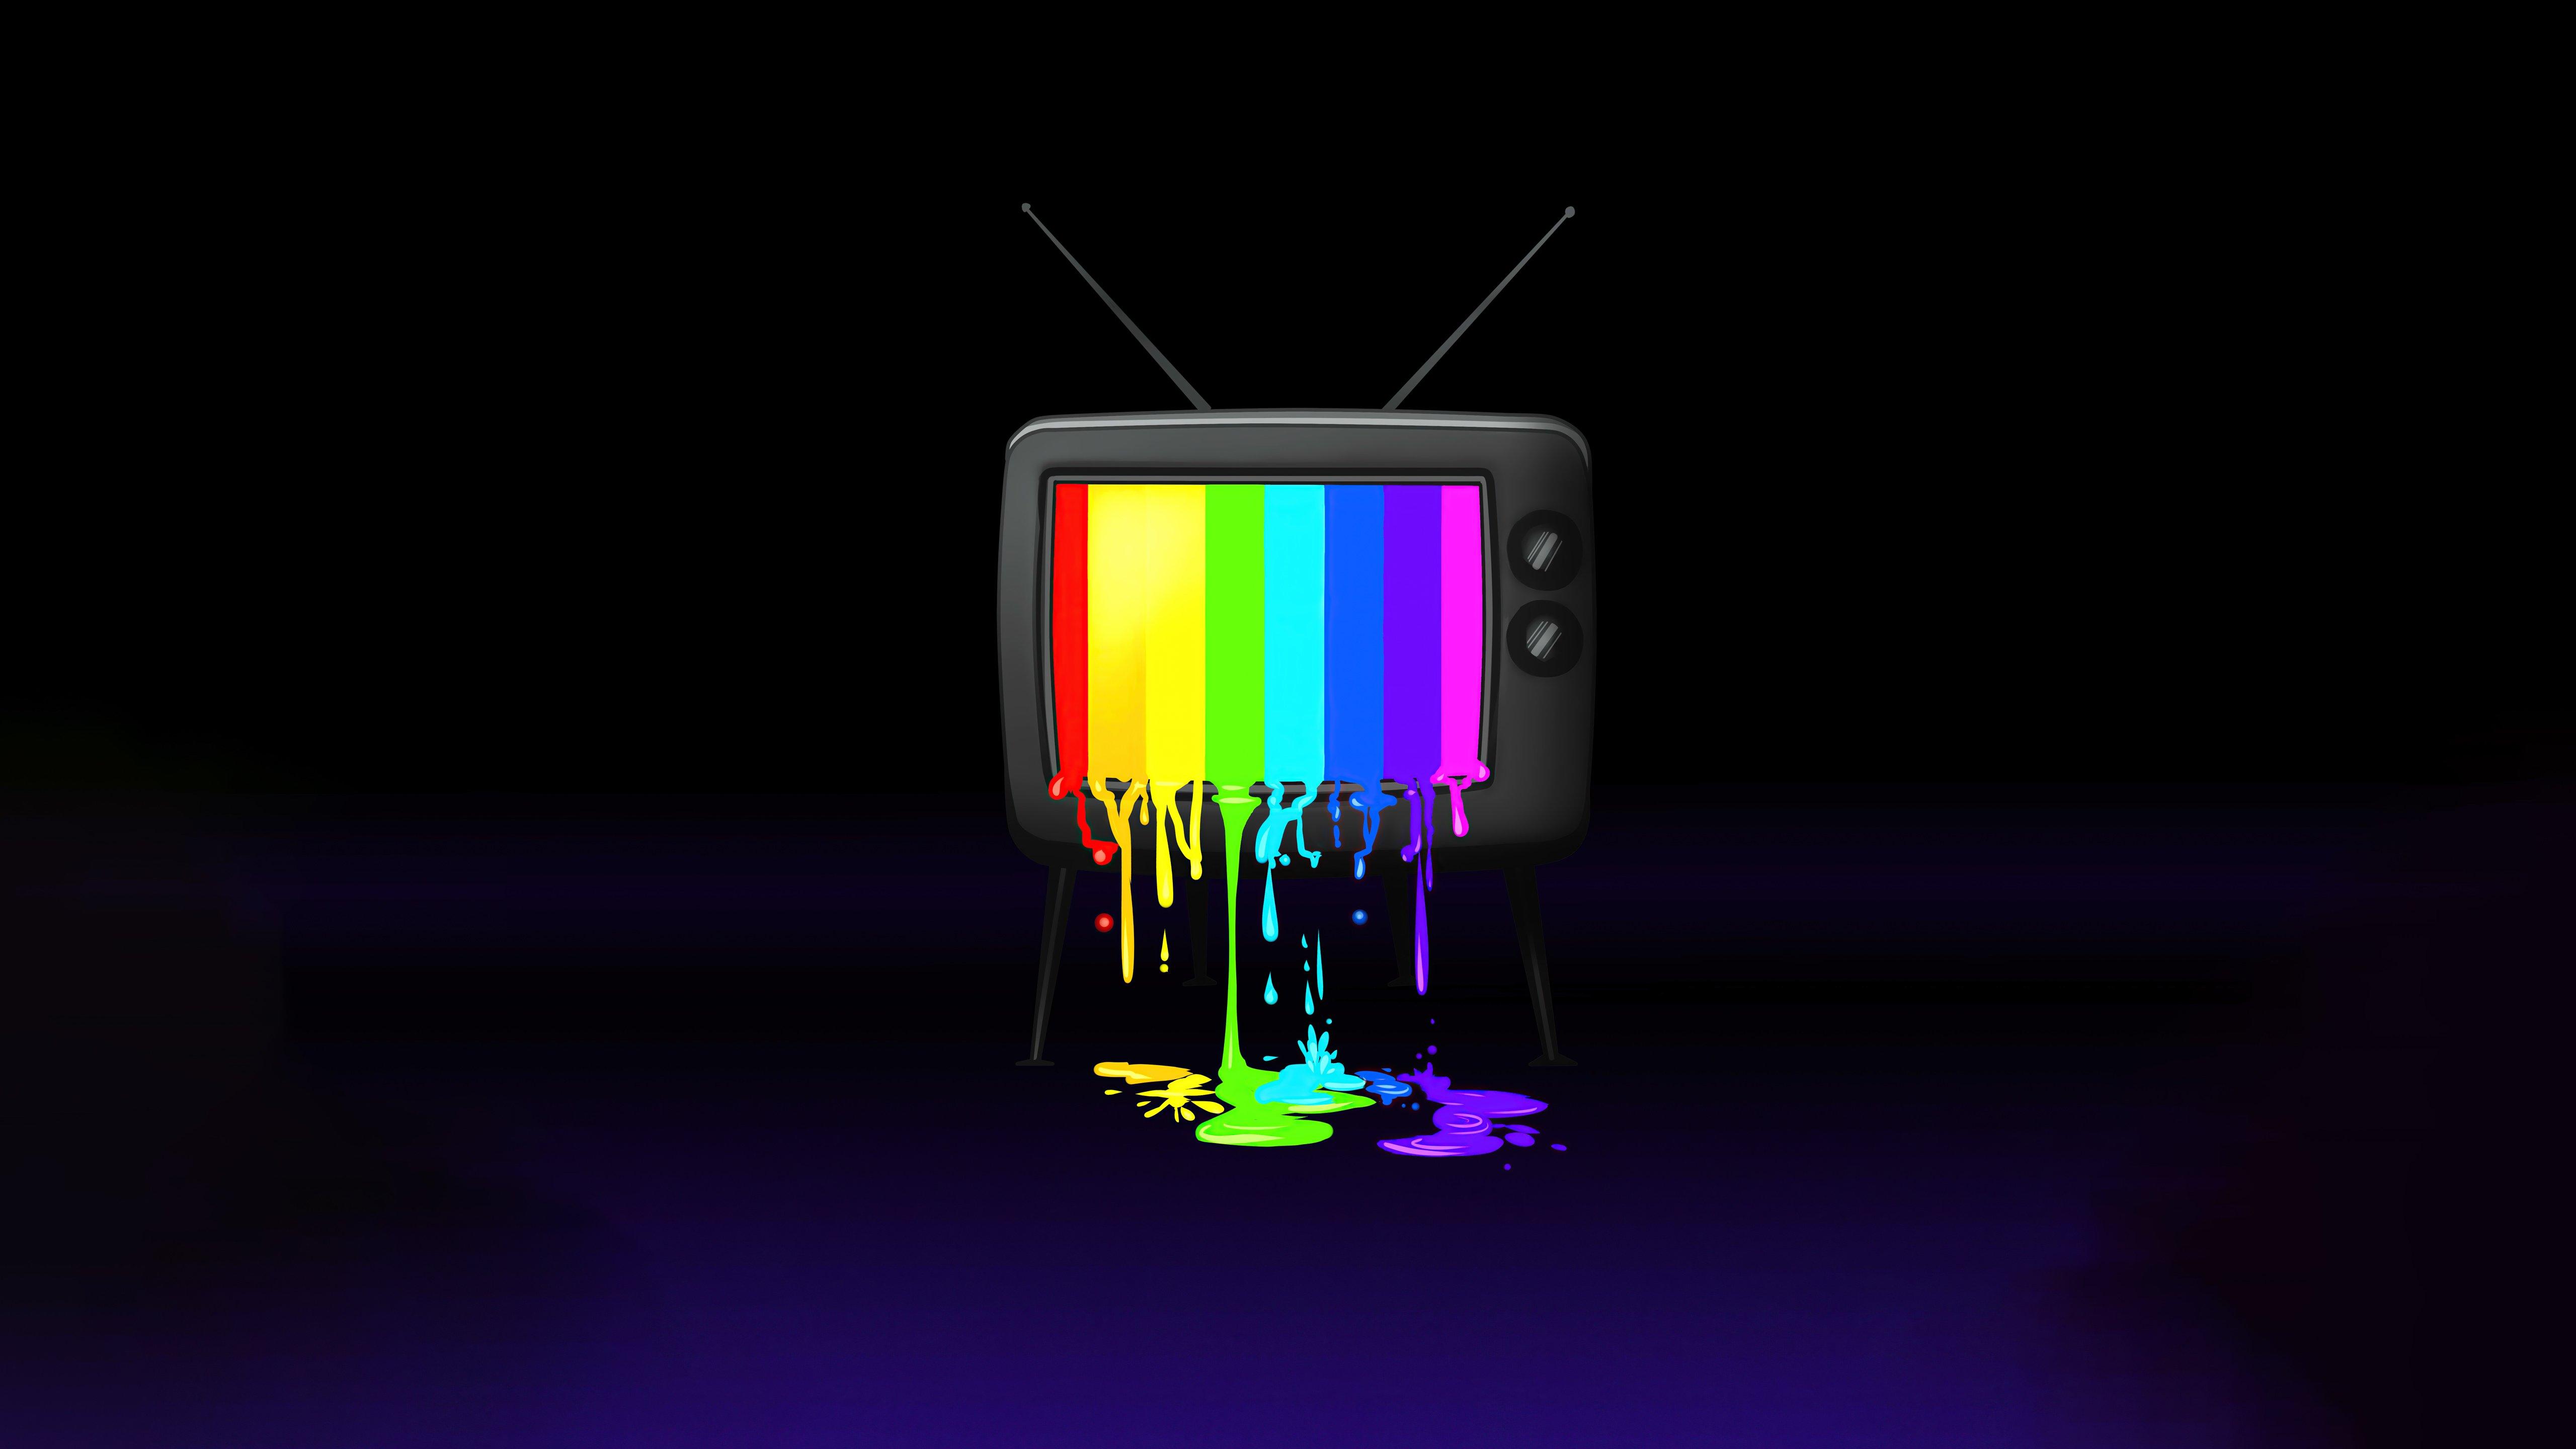 Fondos de pantalla Tele RGB Minimalista